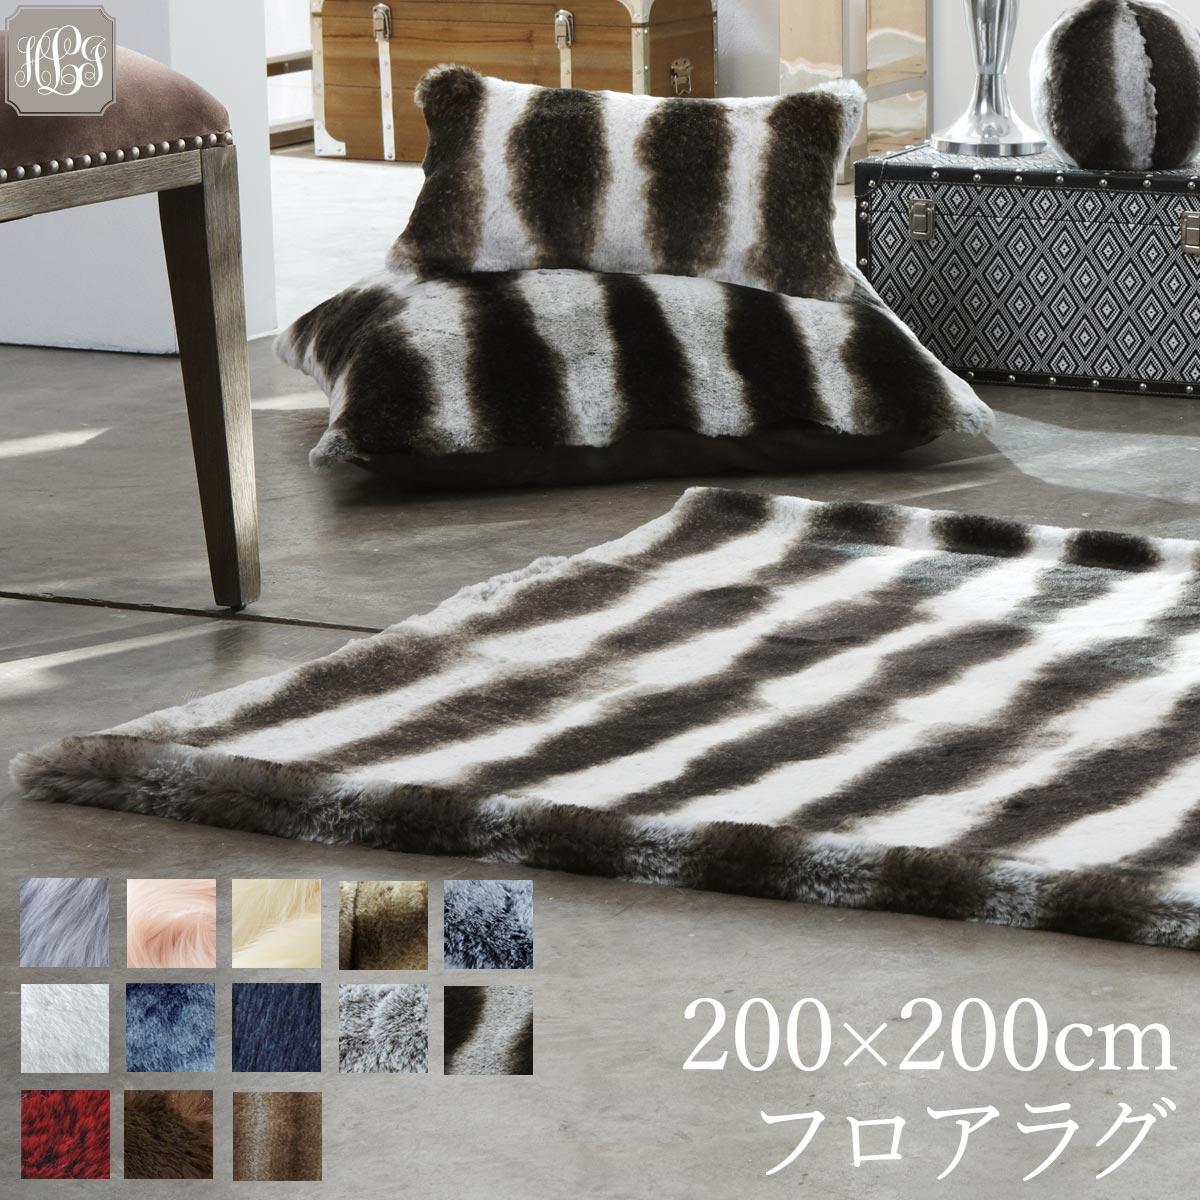 フロアラグ 200×200cm フランス パリ エコファー EVELYNE PRELONGE エヴリーヌ・プレロンジュ 高級ホテル 送料無料